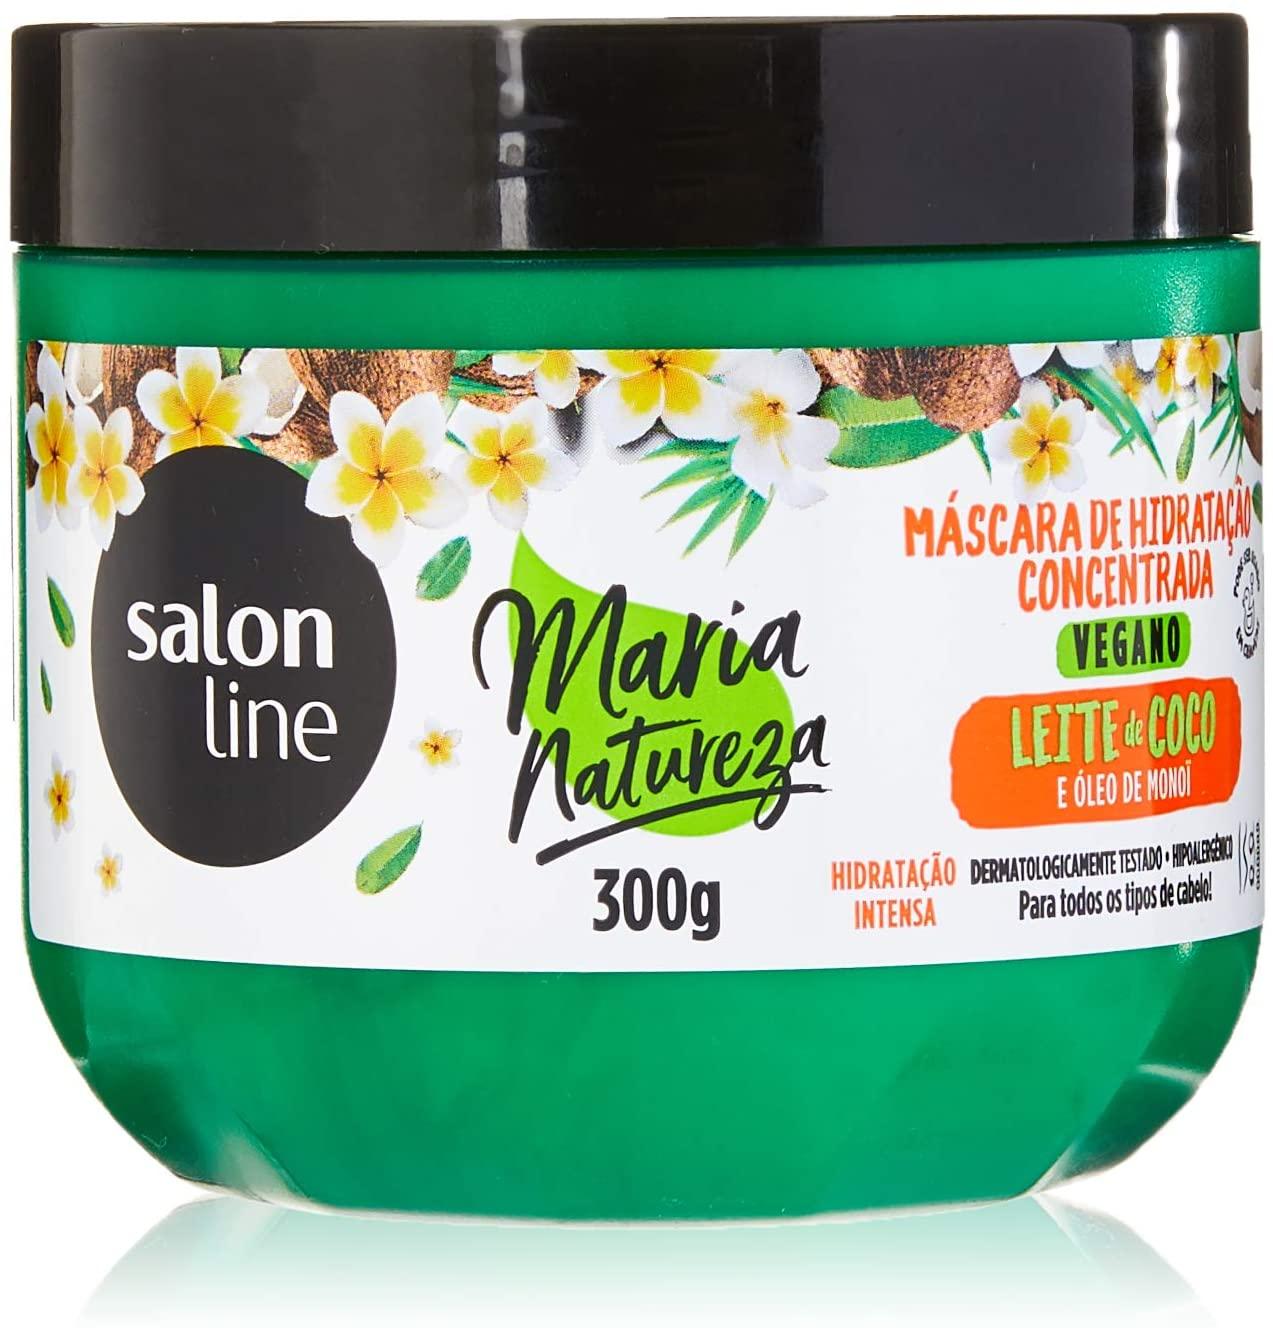 Máscara Concentrada Maria Natureza Leite de Coco Hidratação 300Gr